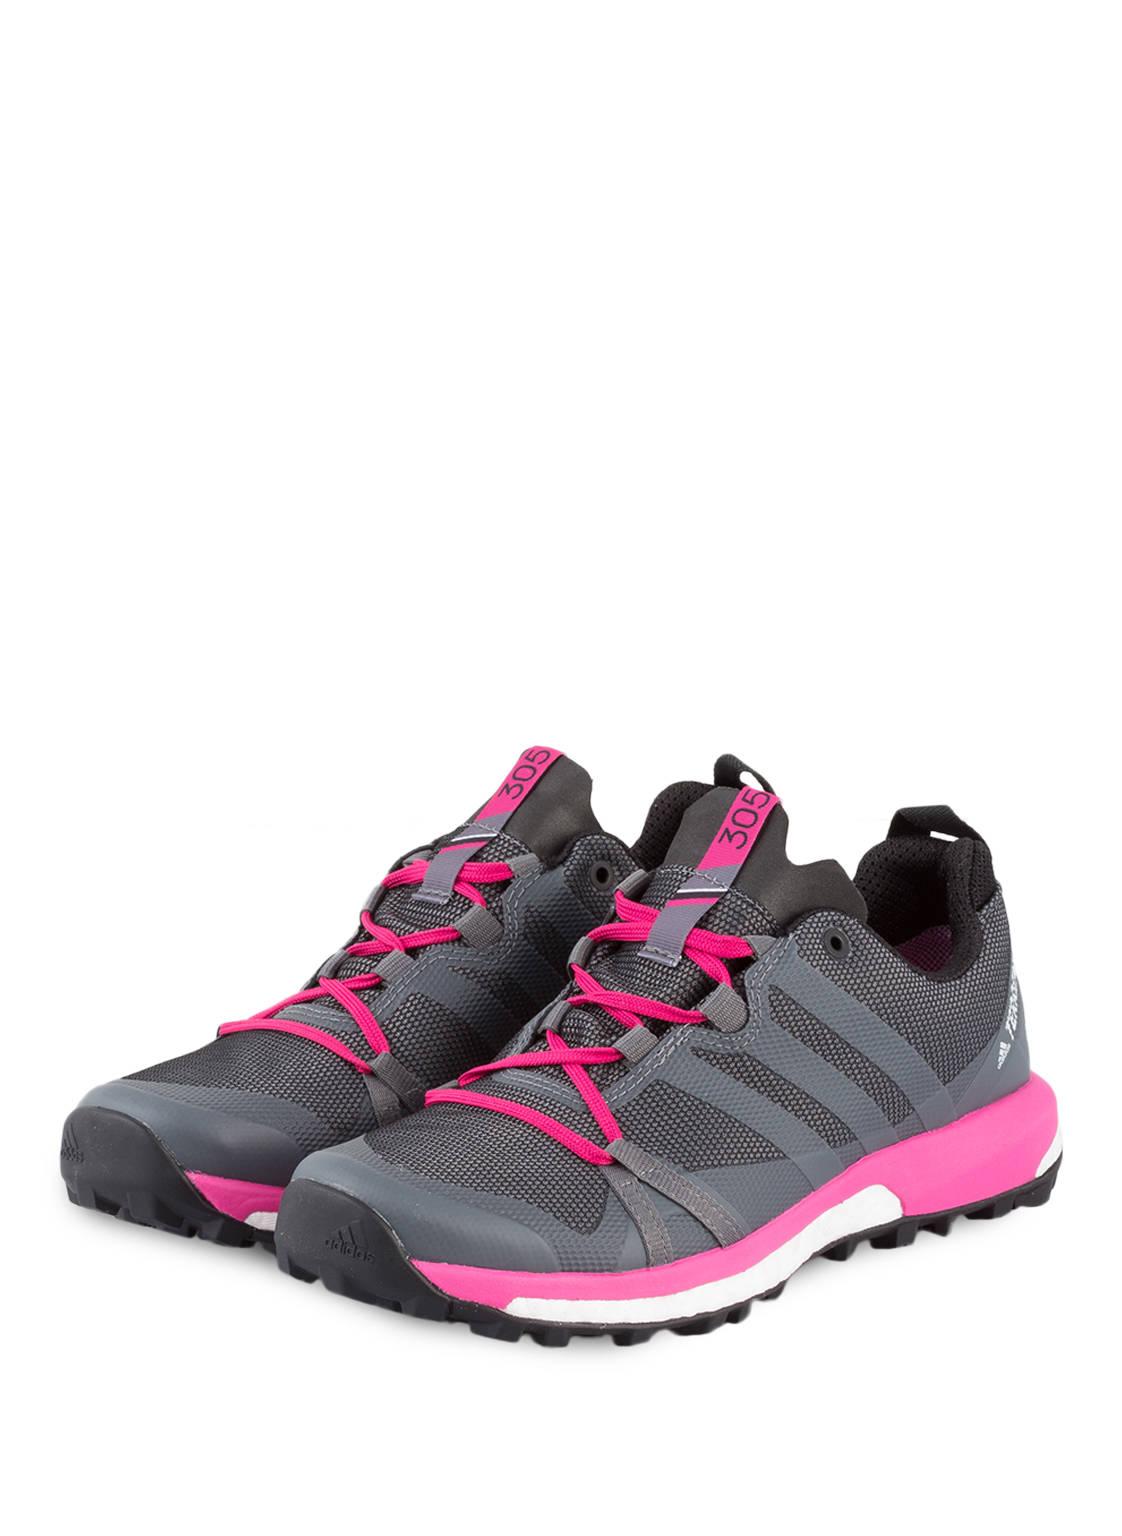 Schuhe Bei Bei Outdoor Sportiply Bei Outdoor Outdoor Schuhe Sportiply Schuhe EH29ID